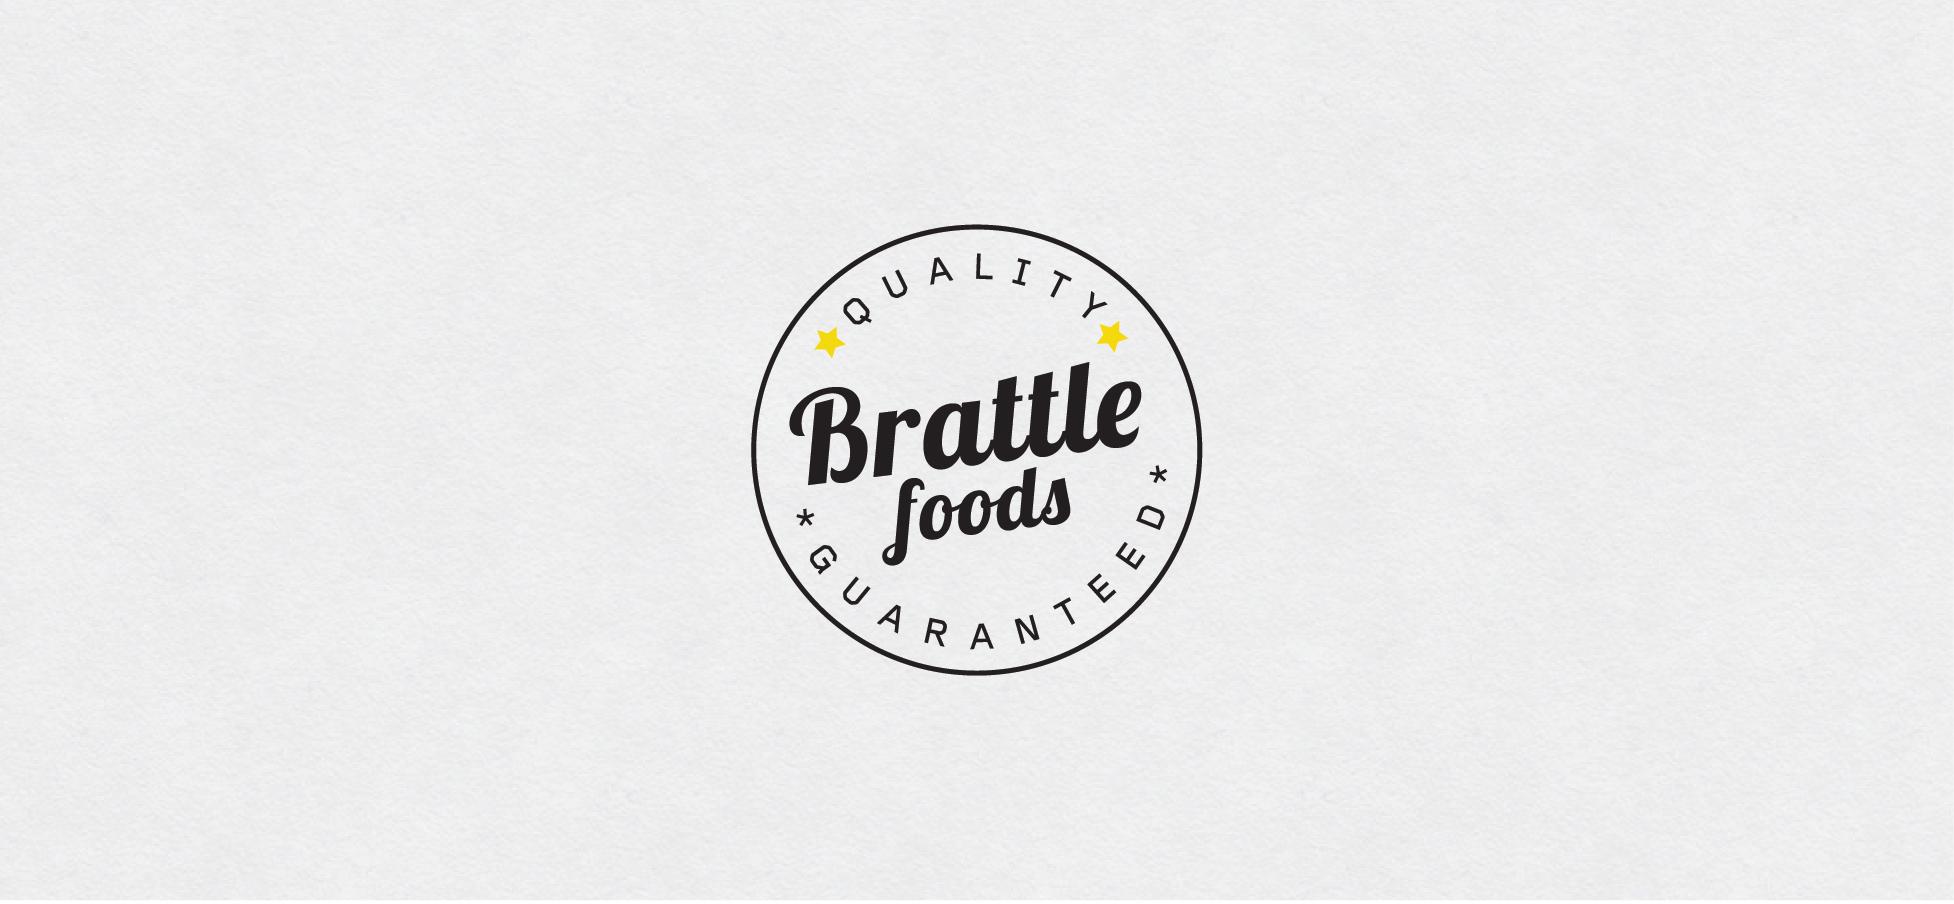 LWD - Brattle foods